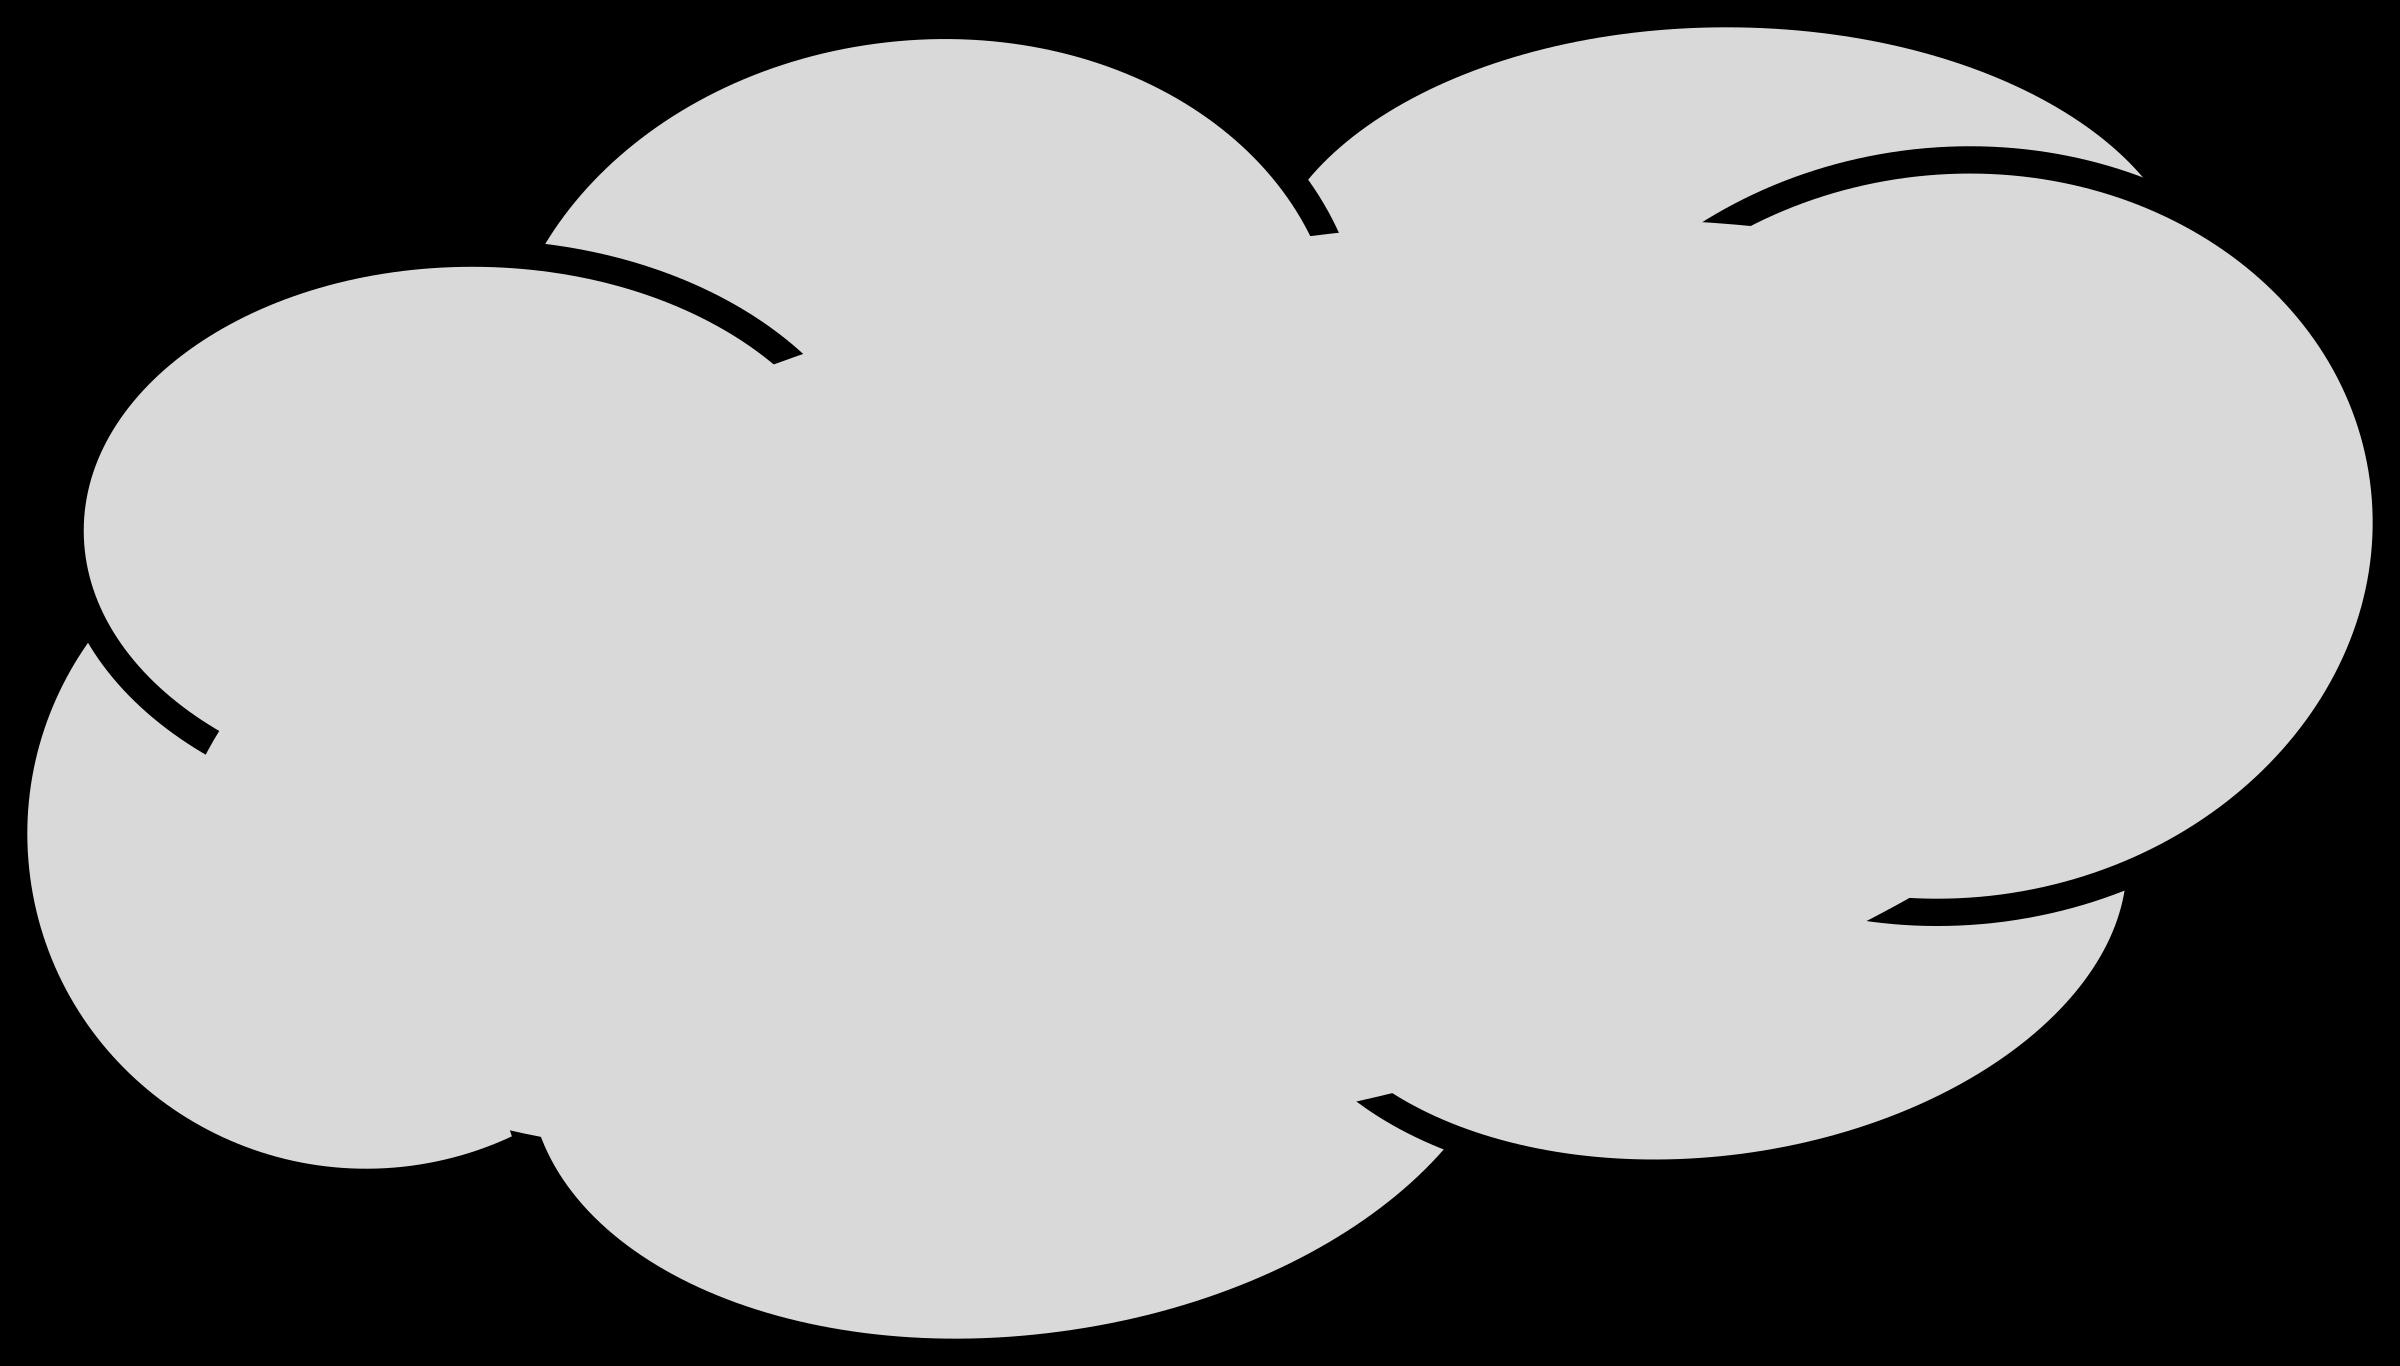 2400x1366 Gray Clipart Rain Cloud